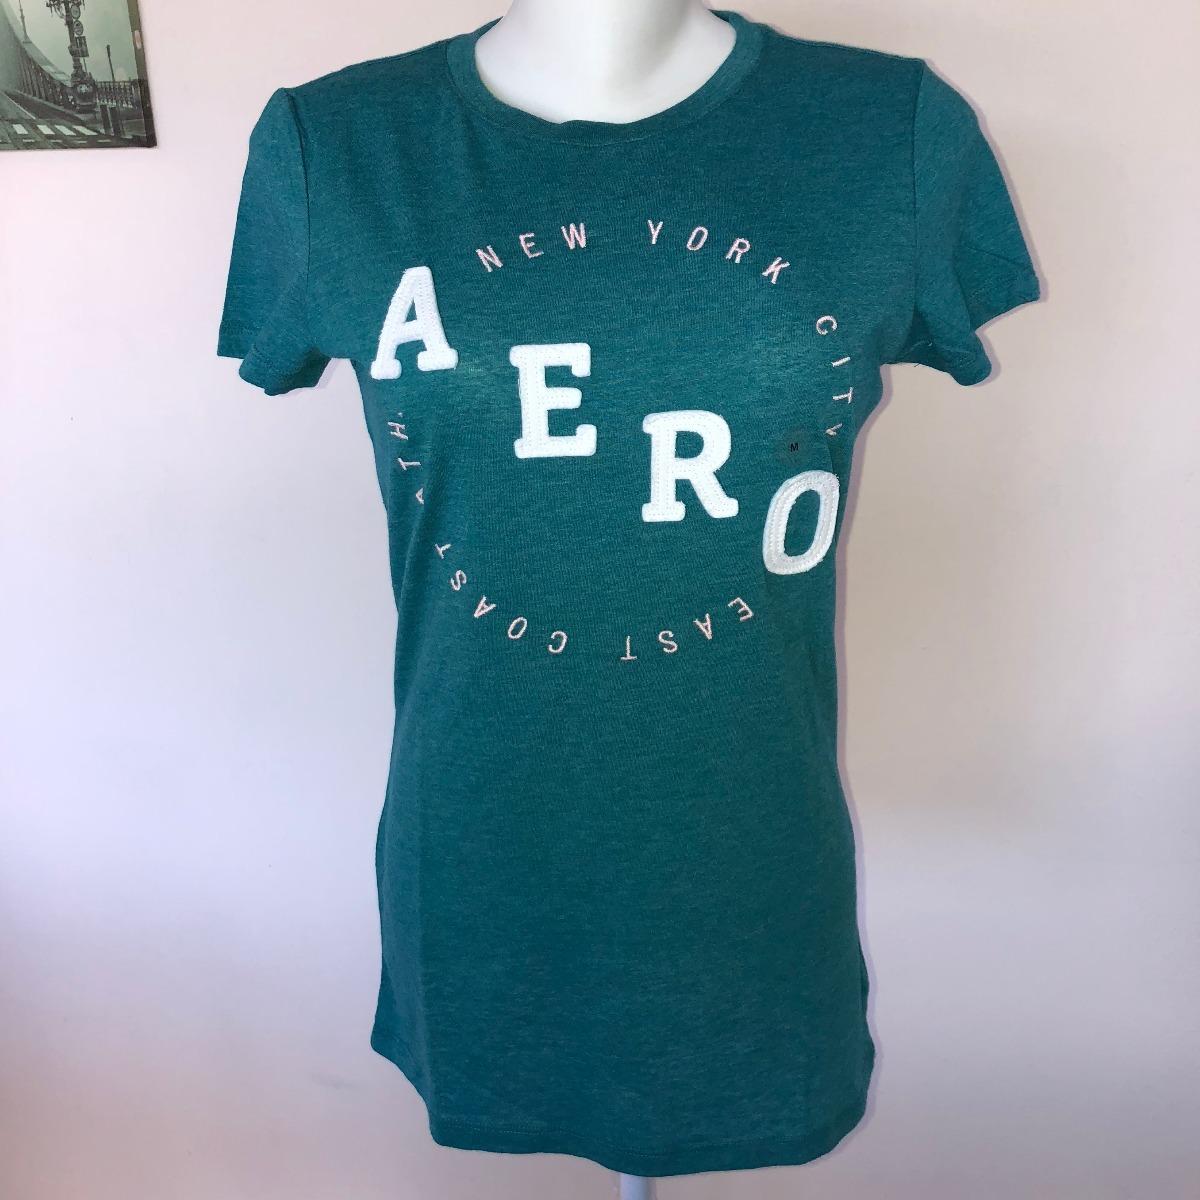 2fd98d645dd1f camisetas femininas aeropostale original importadas promoção. Carregando  zoom.